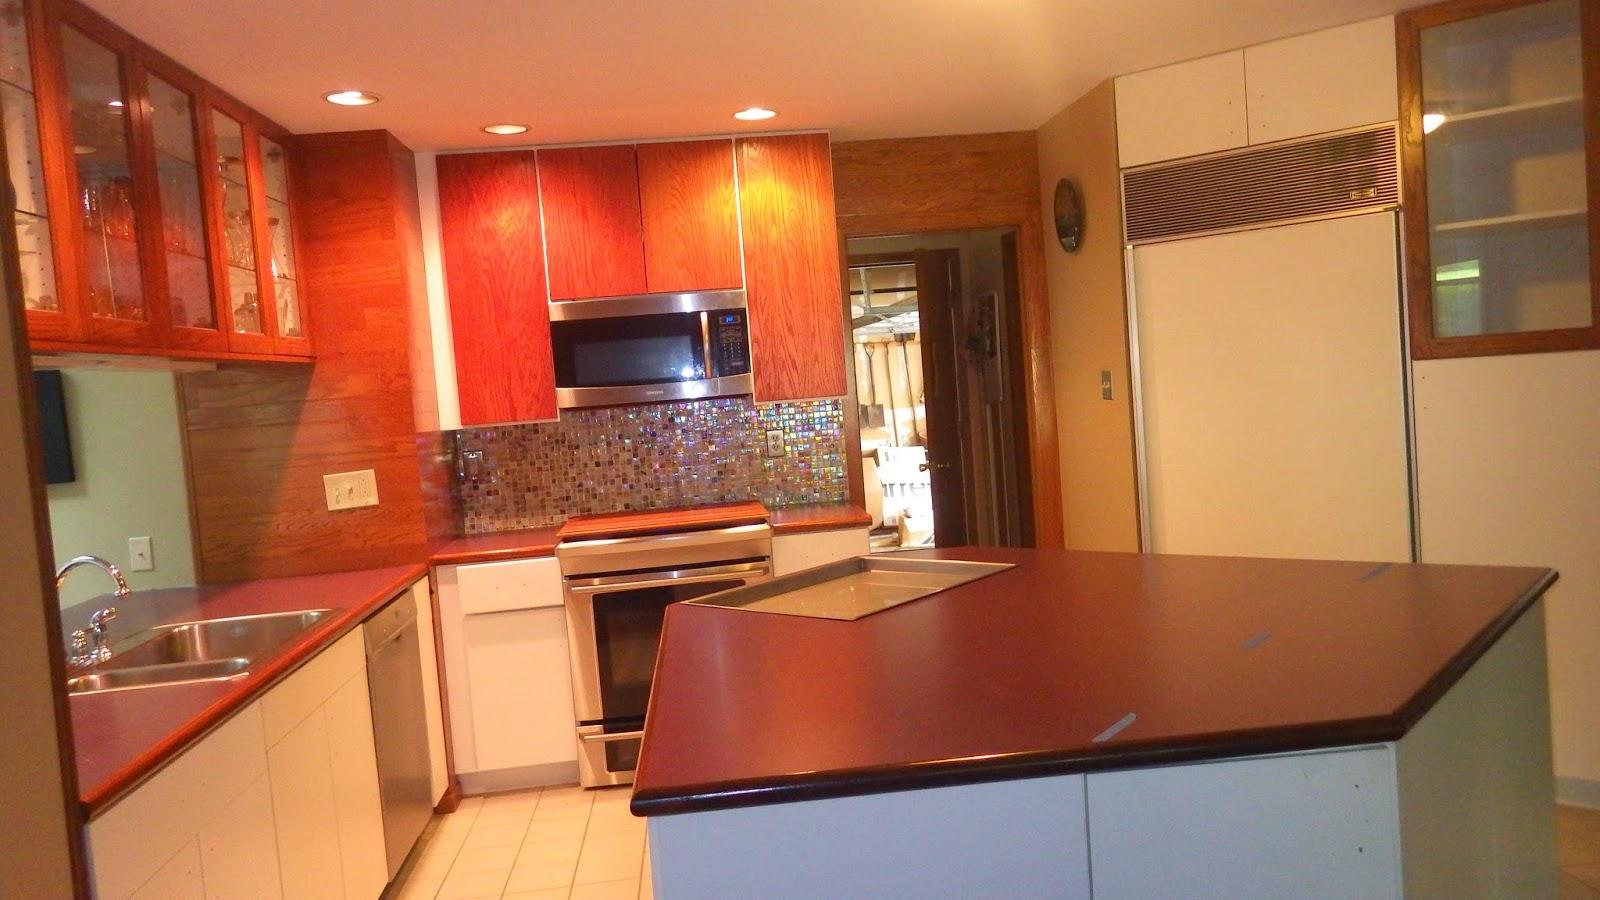 Kitchen Cabinets Upper Antique White Lower Knoty Alder